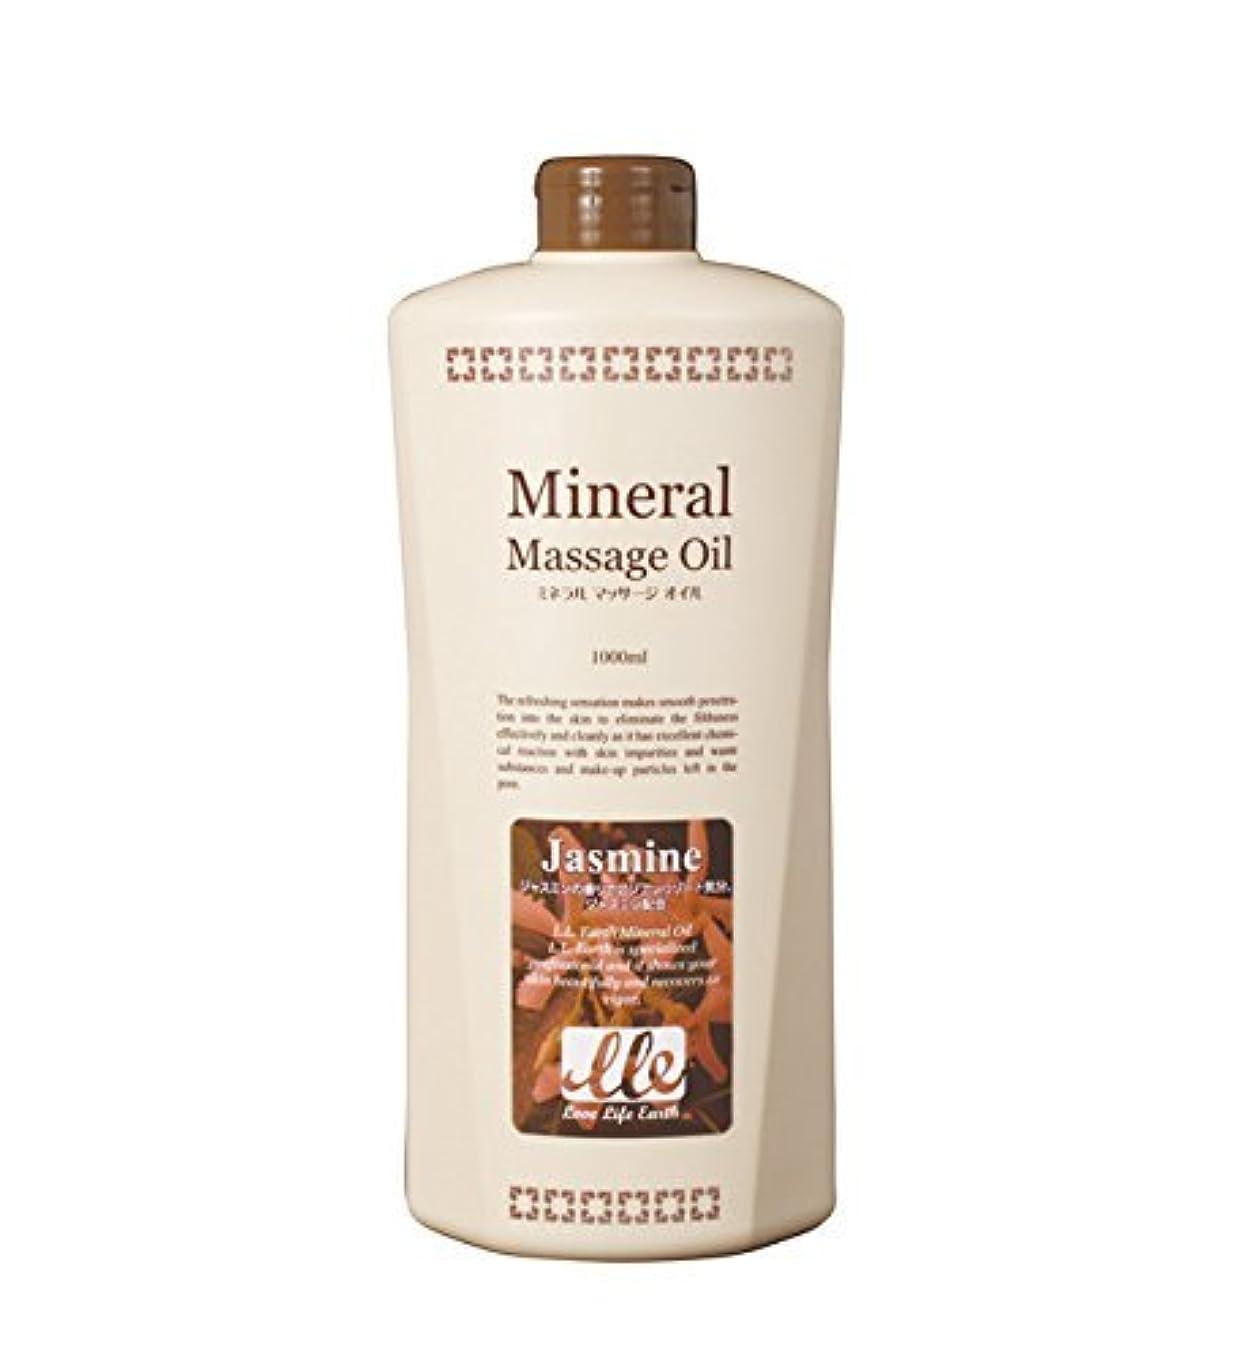 弱める冷ややかな過激派LLE 業務用 ミネラル マッサージオイル [香り5種] (ボディ用) ジャスミン1L